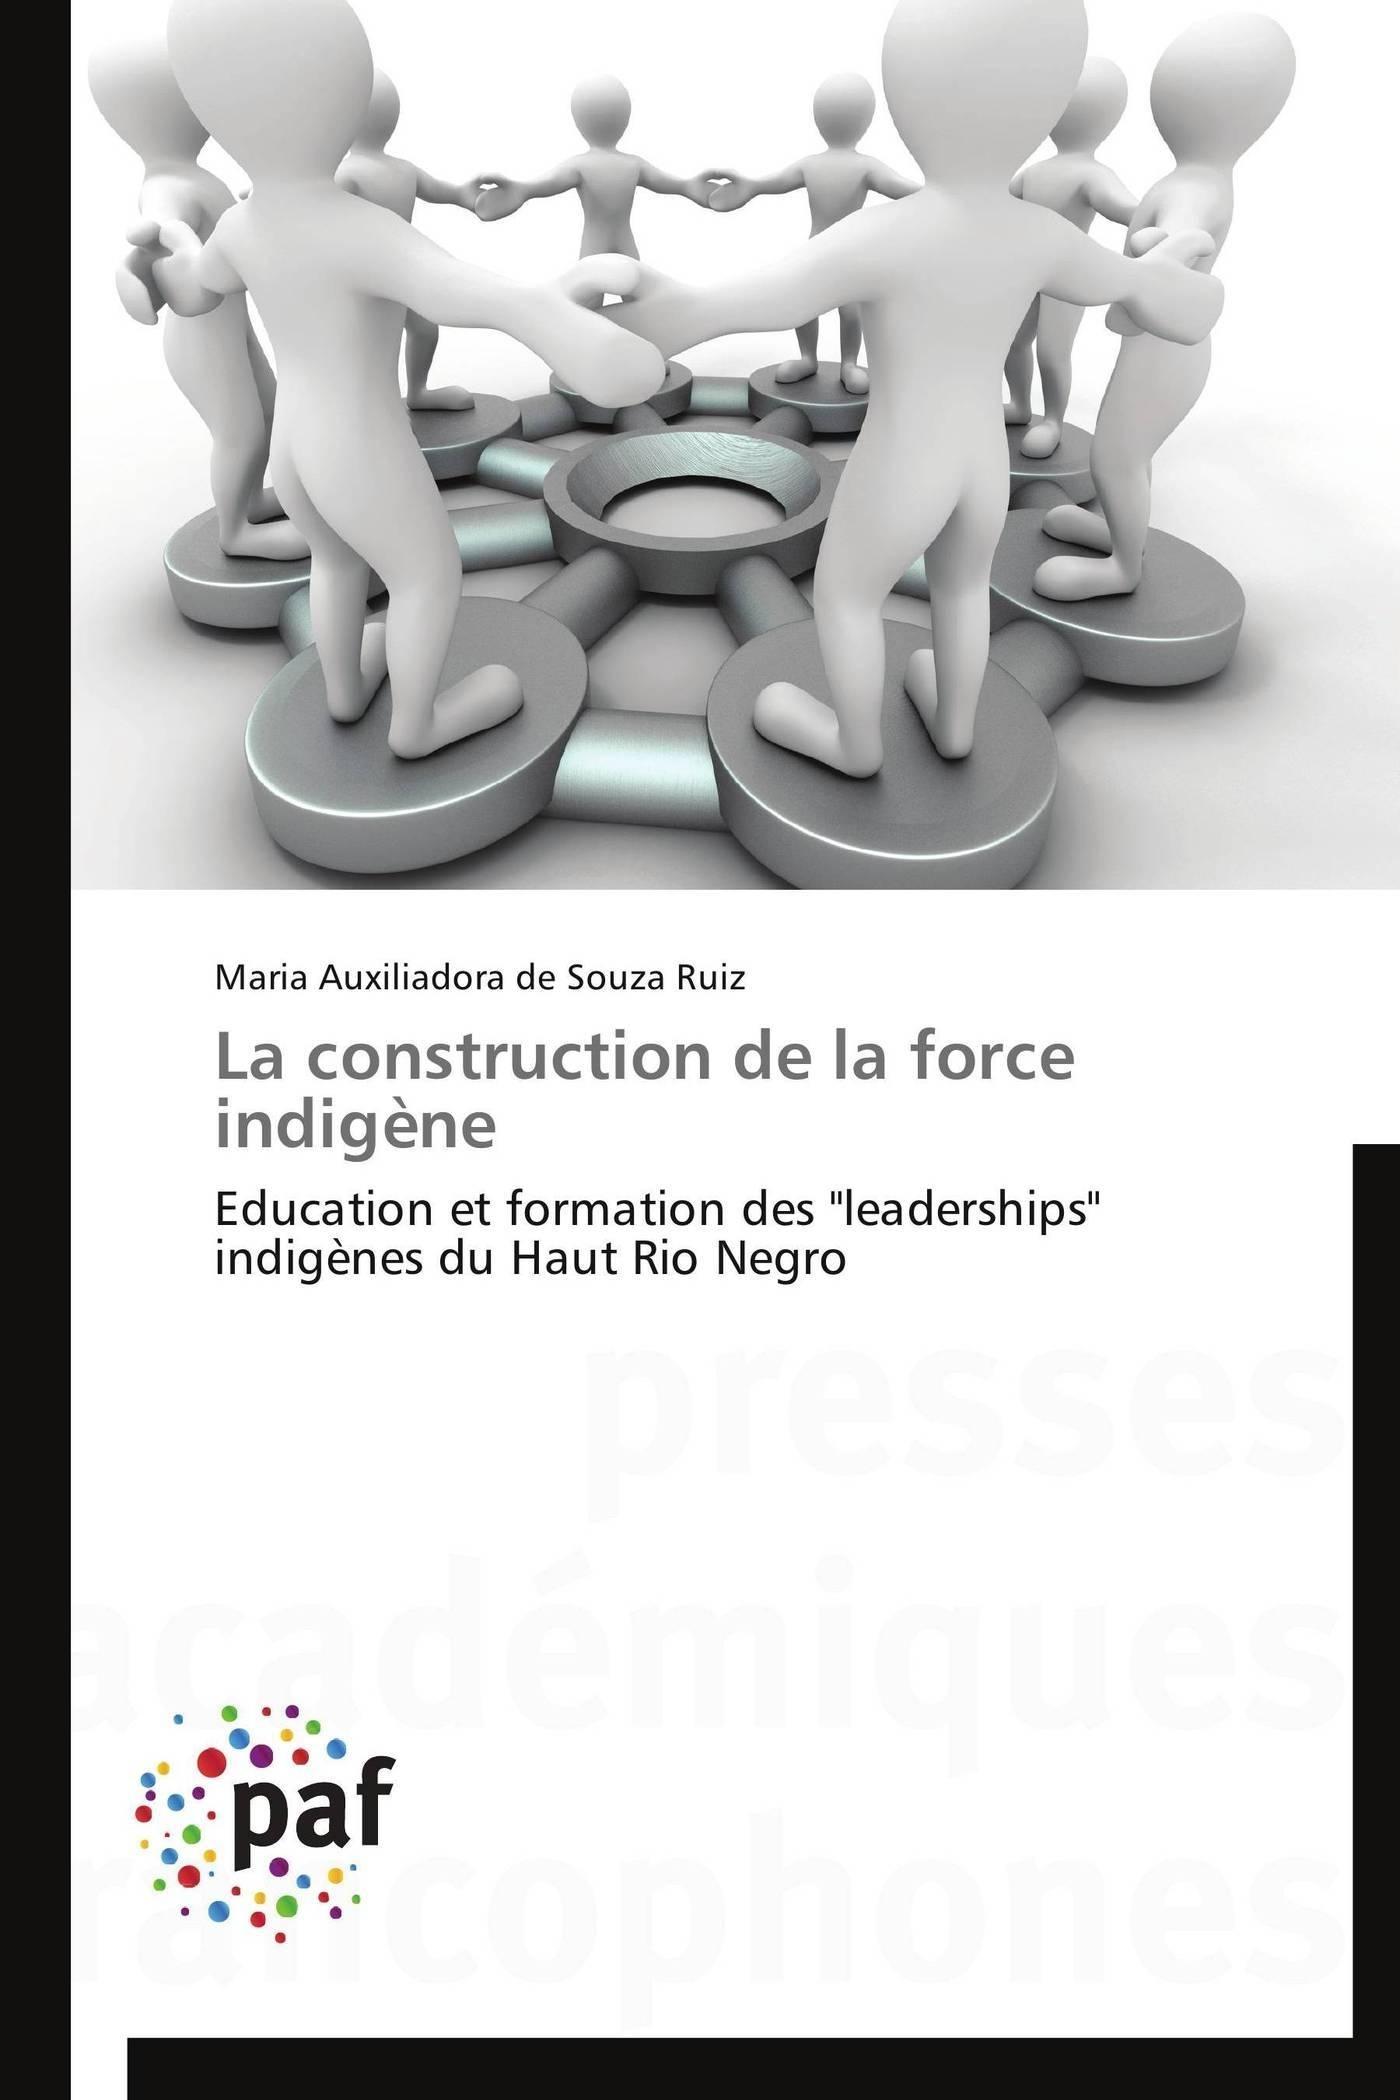 LA CONSTRUCTION DE LA FORCE INDIGENE